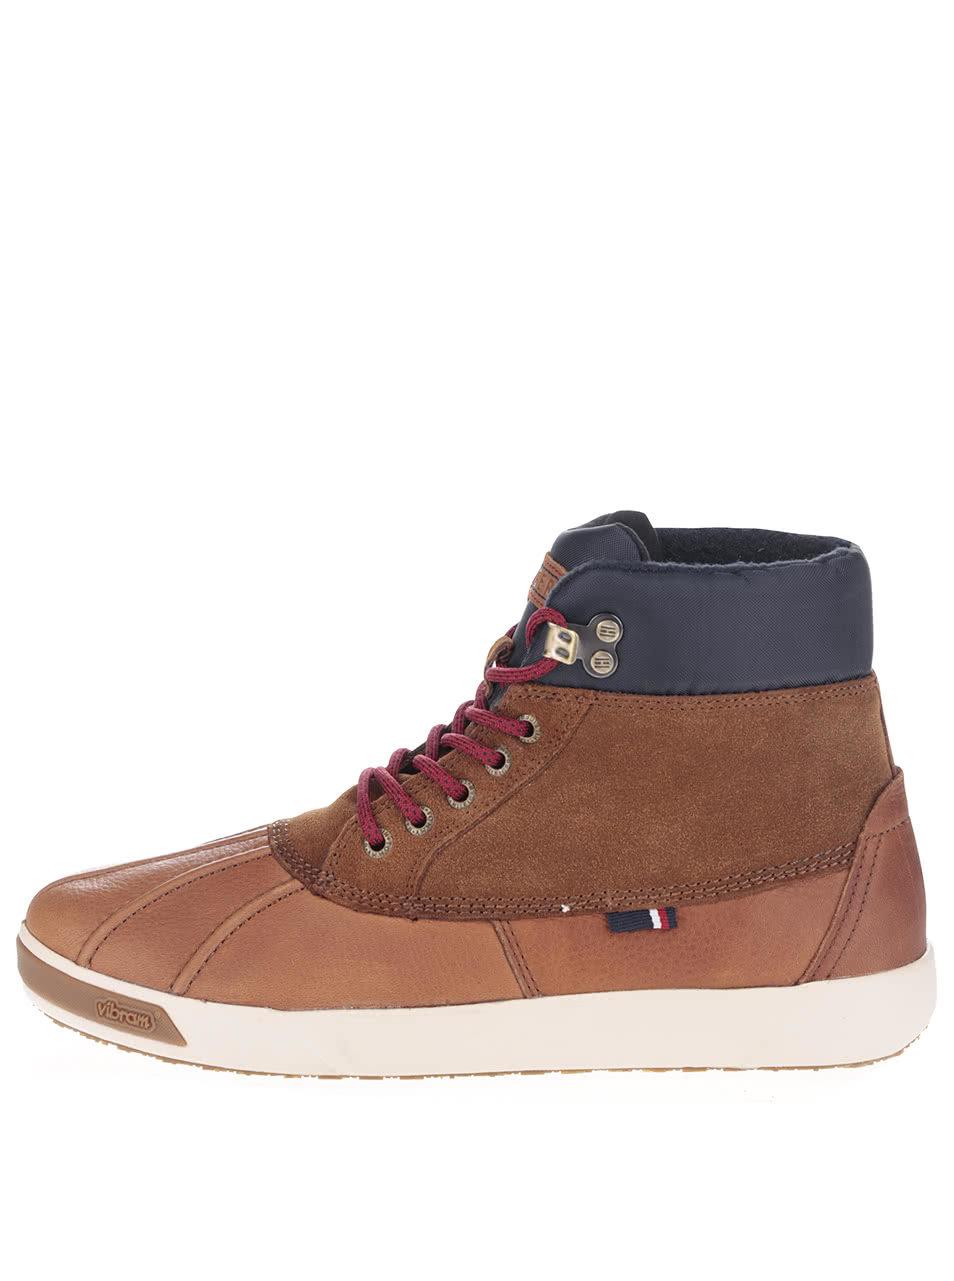 2d30172e111 Světle hnědé kožené pánské boty s modrým lemem Tommy Hilfiger ...